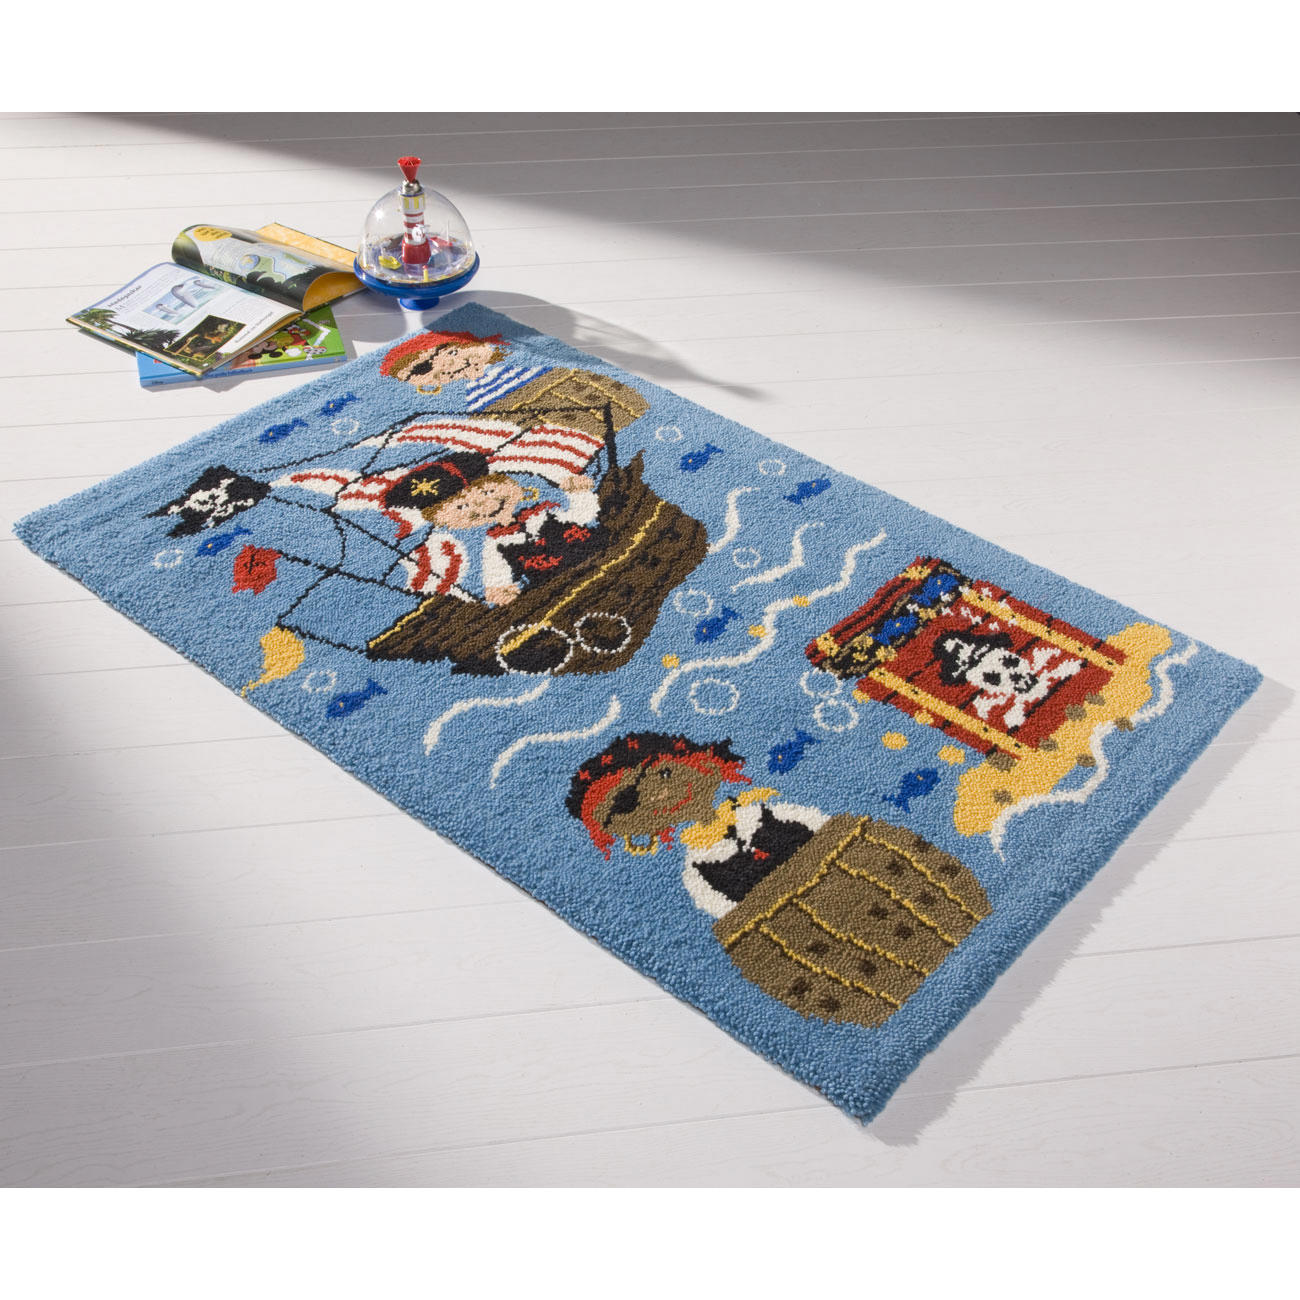 teppich piraten kinderteppiche teppiche kn pfen im junghans wolle creativ shop kaufen. Black Bedroom Furniture Sets. Home Design Ideas